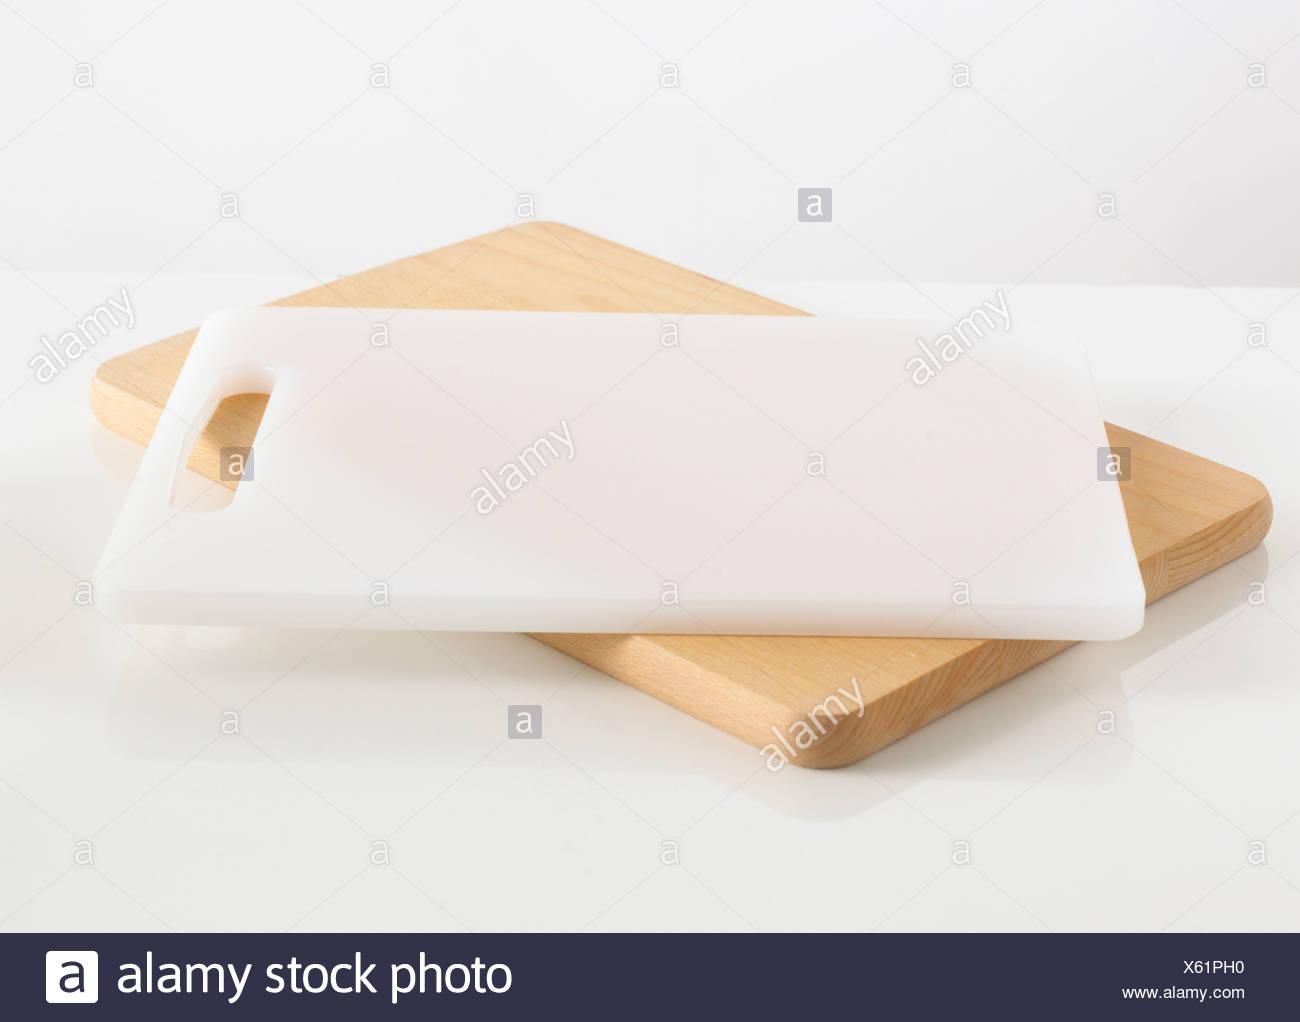 In legno bianco e tagliere contro uno sfondo bianco Immagini Stock